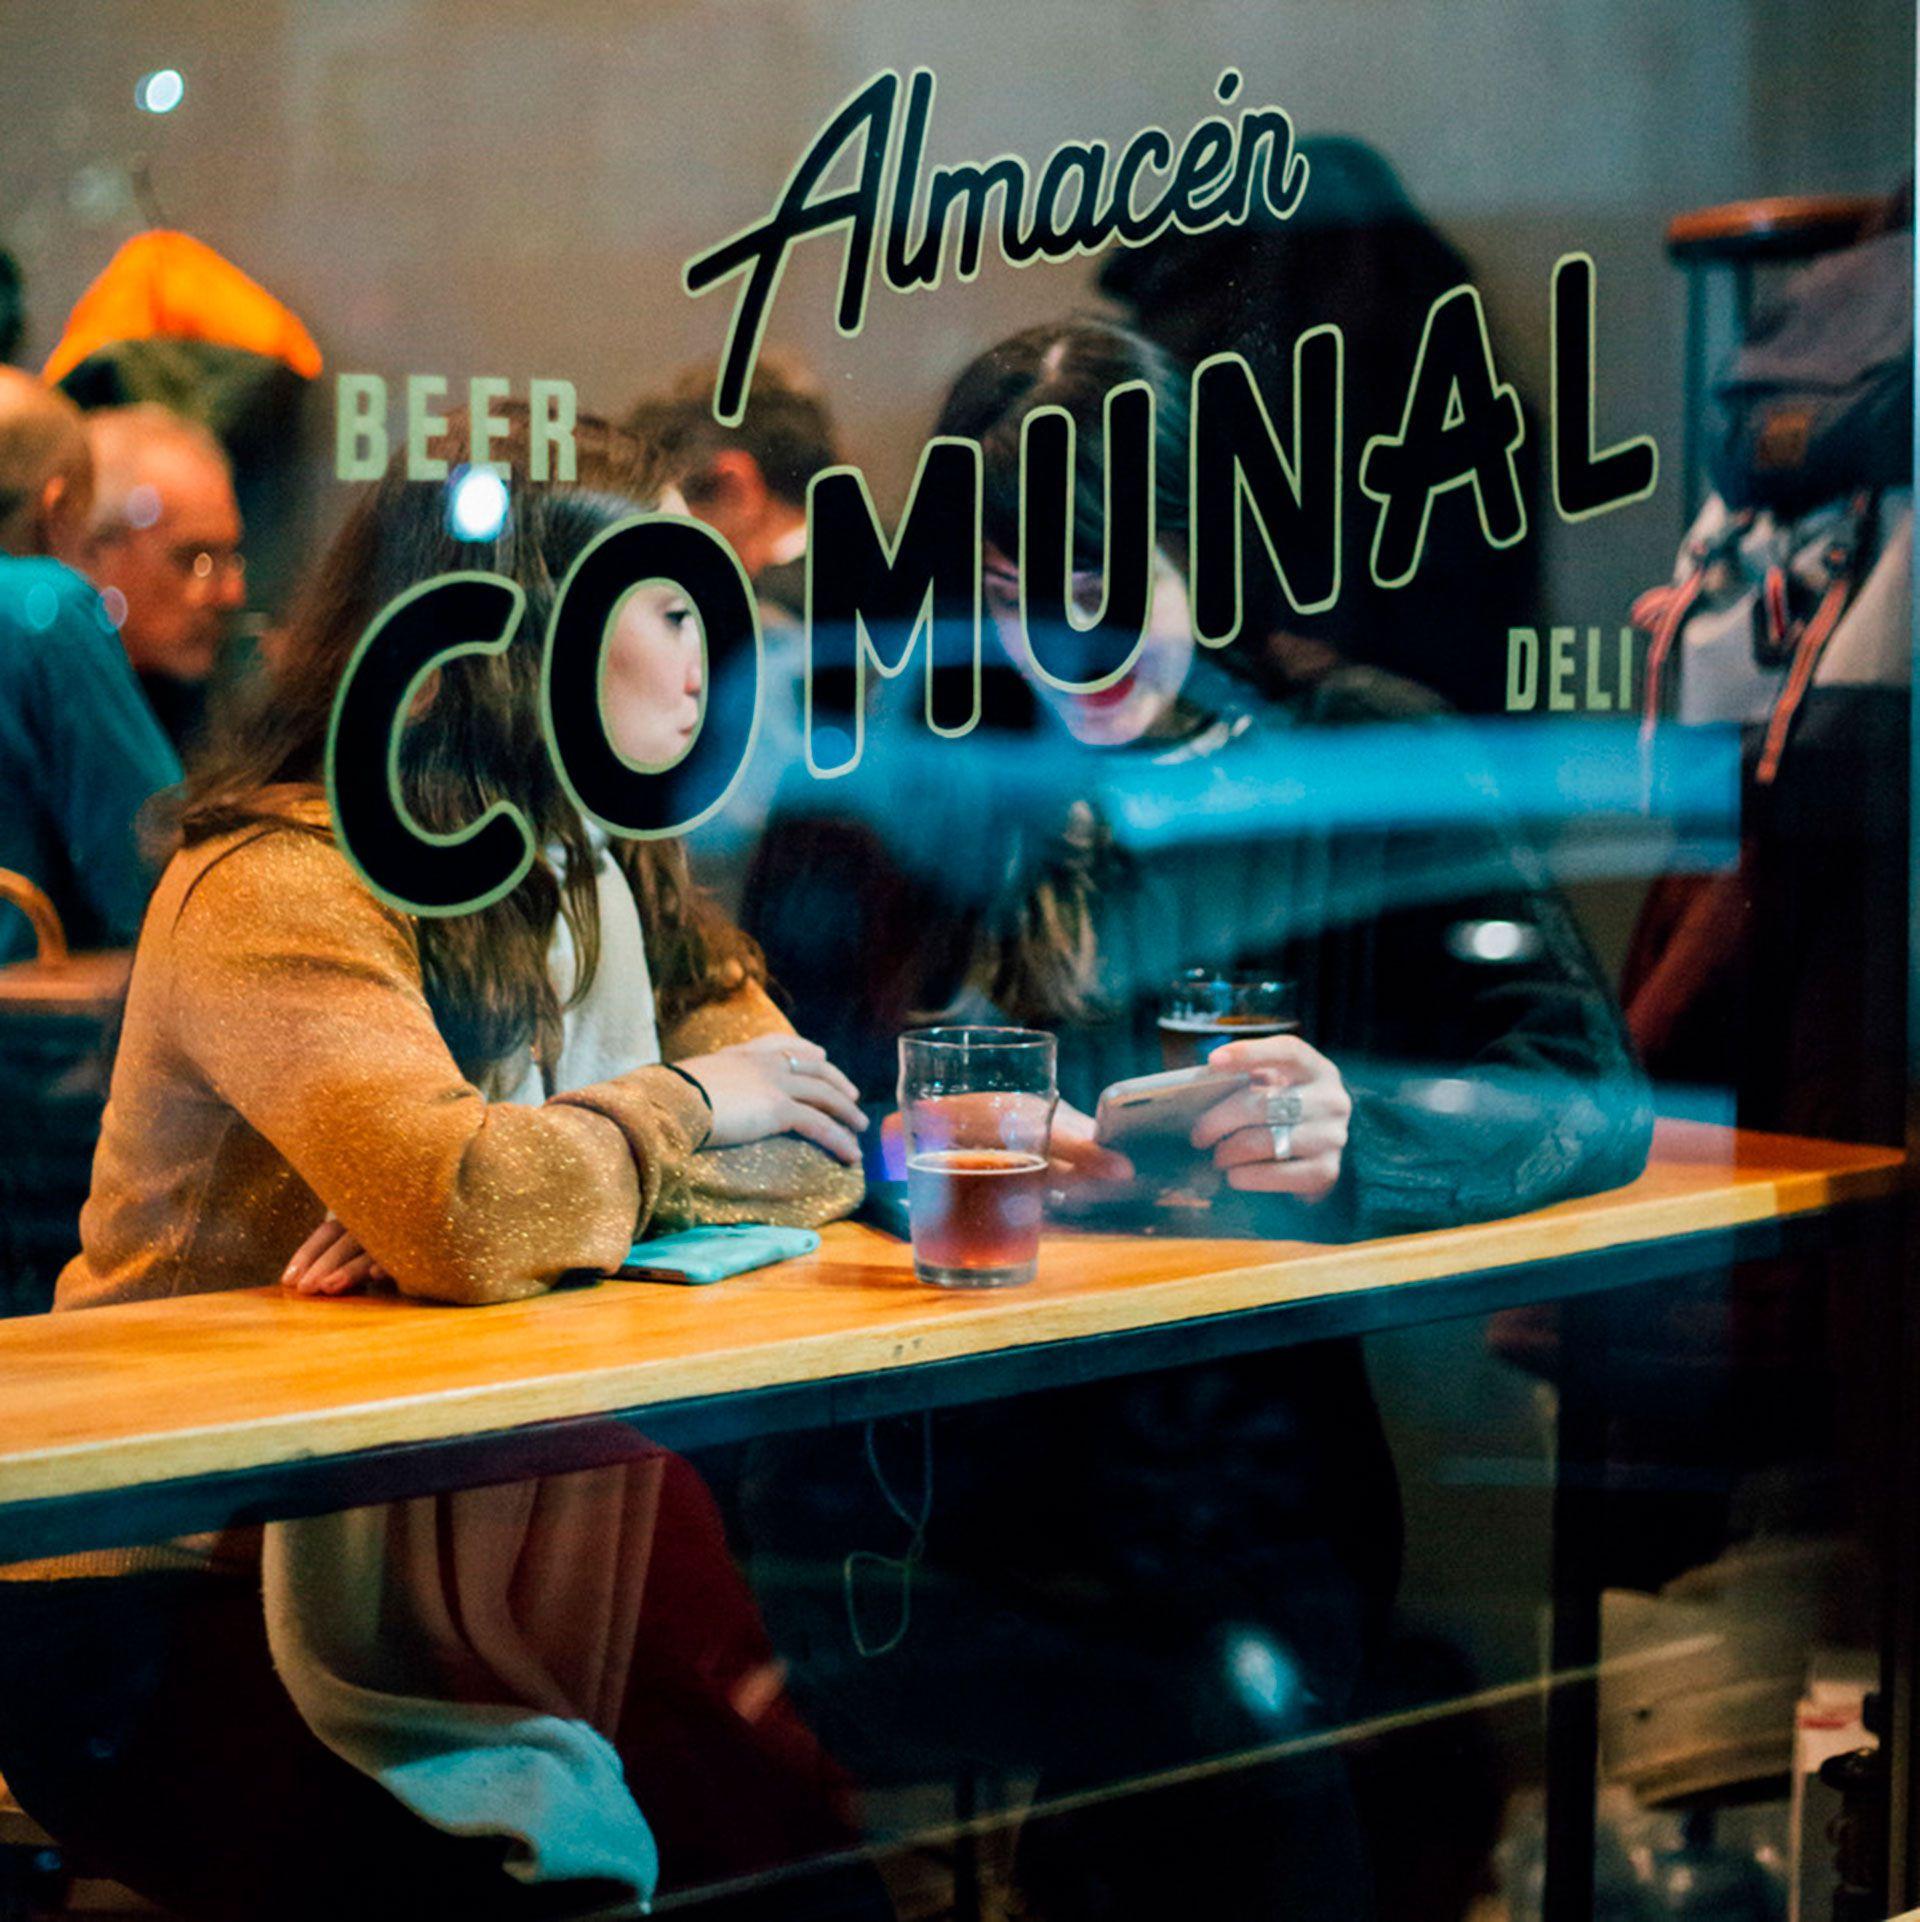 En el prometedor vecindario de Chacarita se afinca Almacén Comunal, un nuevo café abierto todo el día con una estética característica y que sirve una buena selección de refrigerios, café fuerte y vinos y cervezas locales (Instagram @almacencomunal)